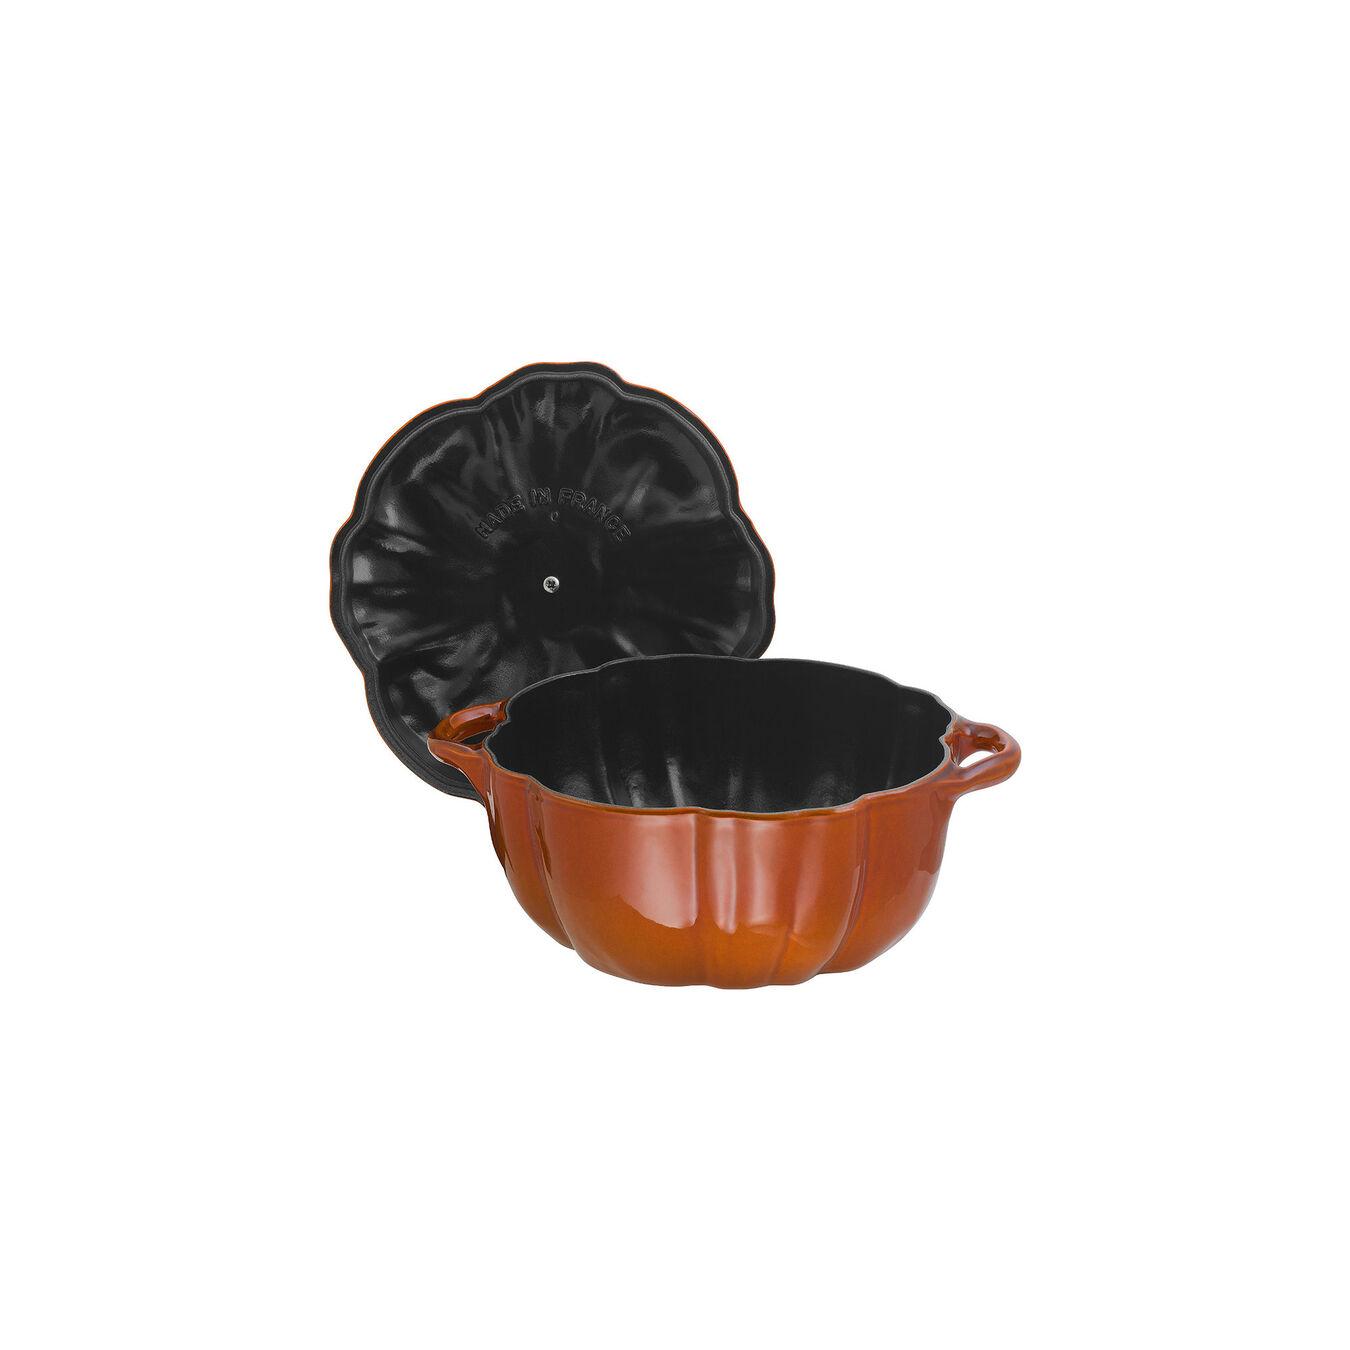 3.5-qt Pumpkin Cocotte - Visual Imperfections - Burnt Orange,,large 6